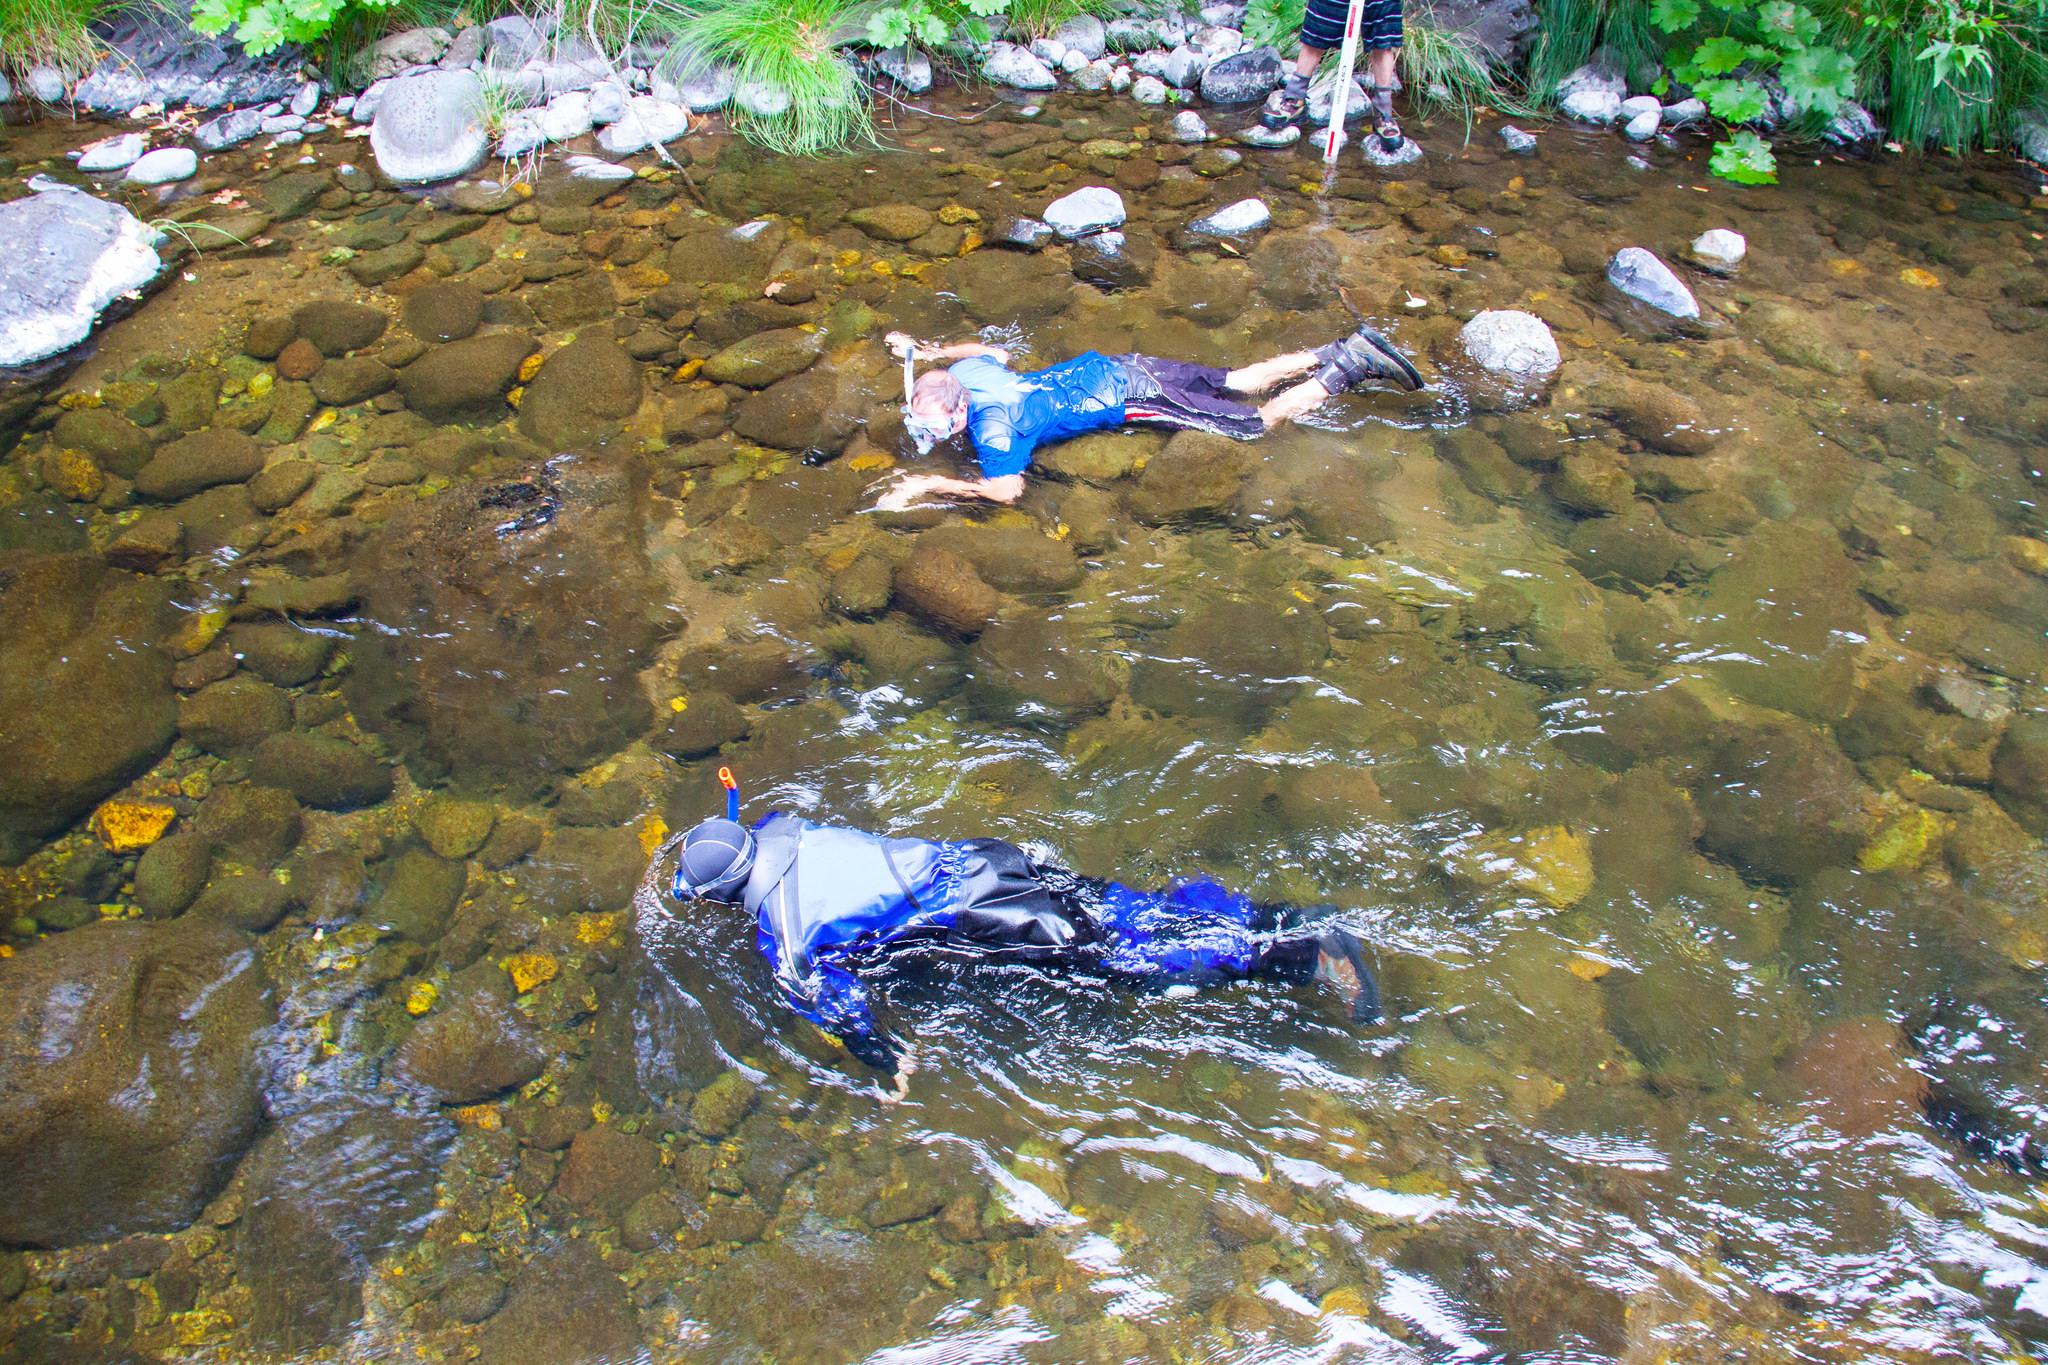 Big Chico Creek snorkel survey